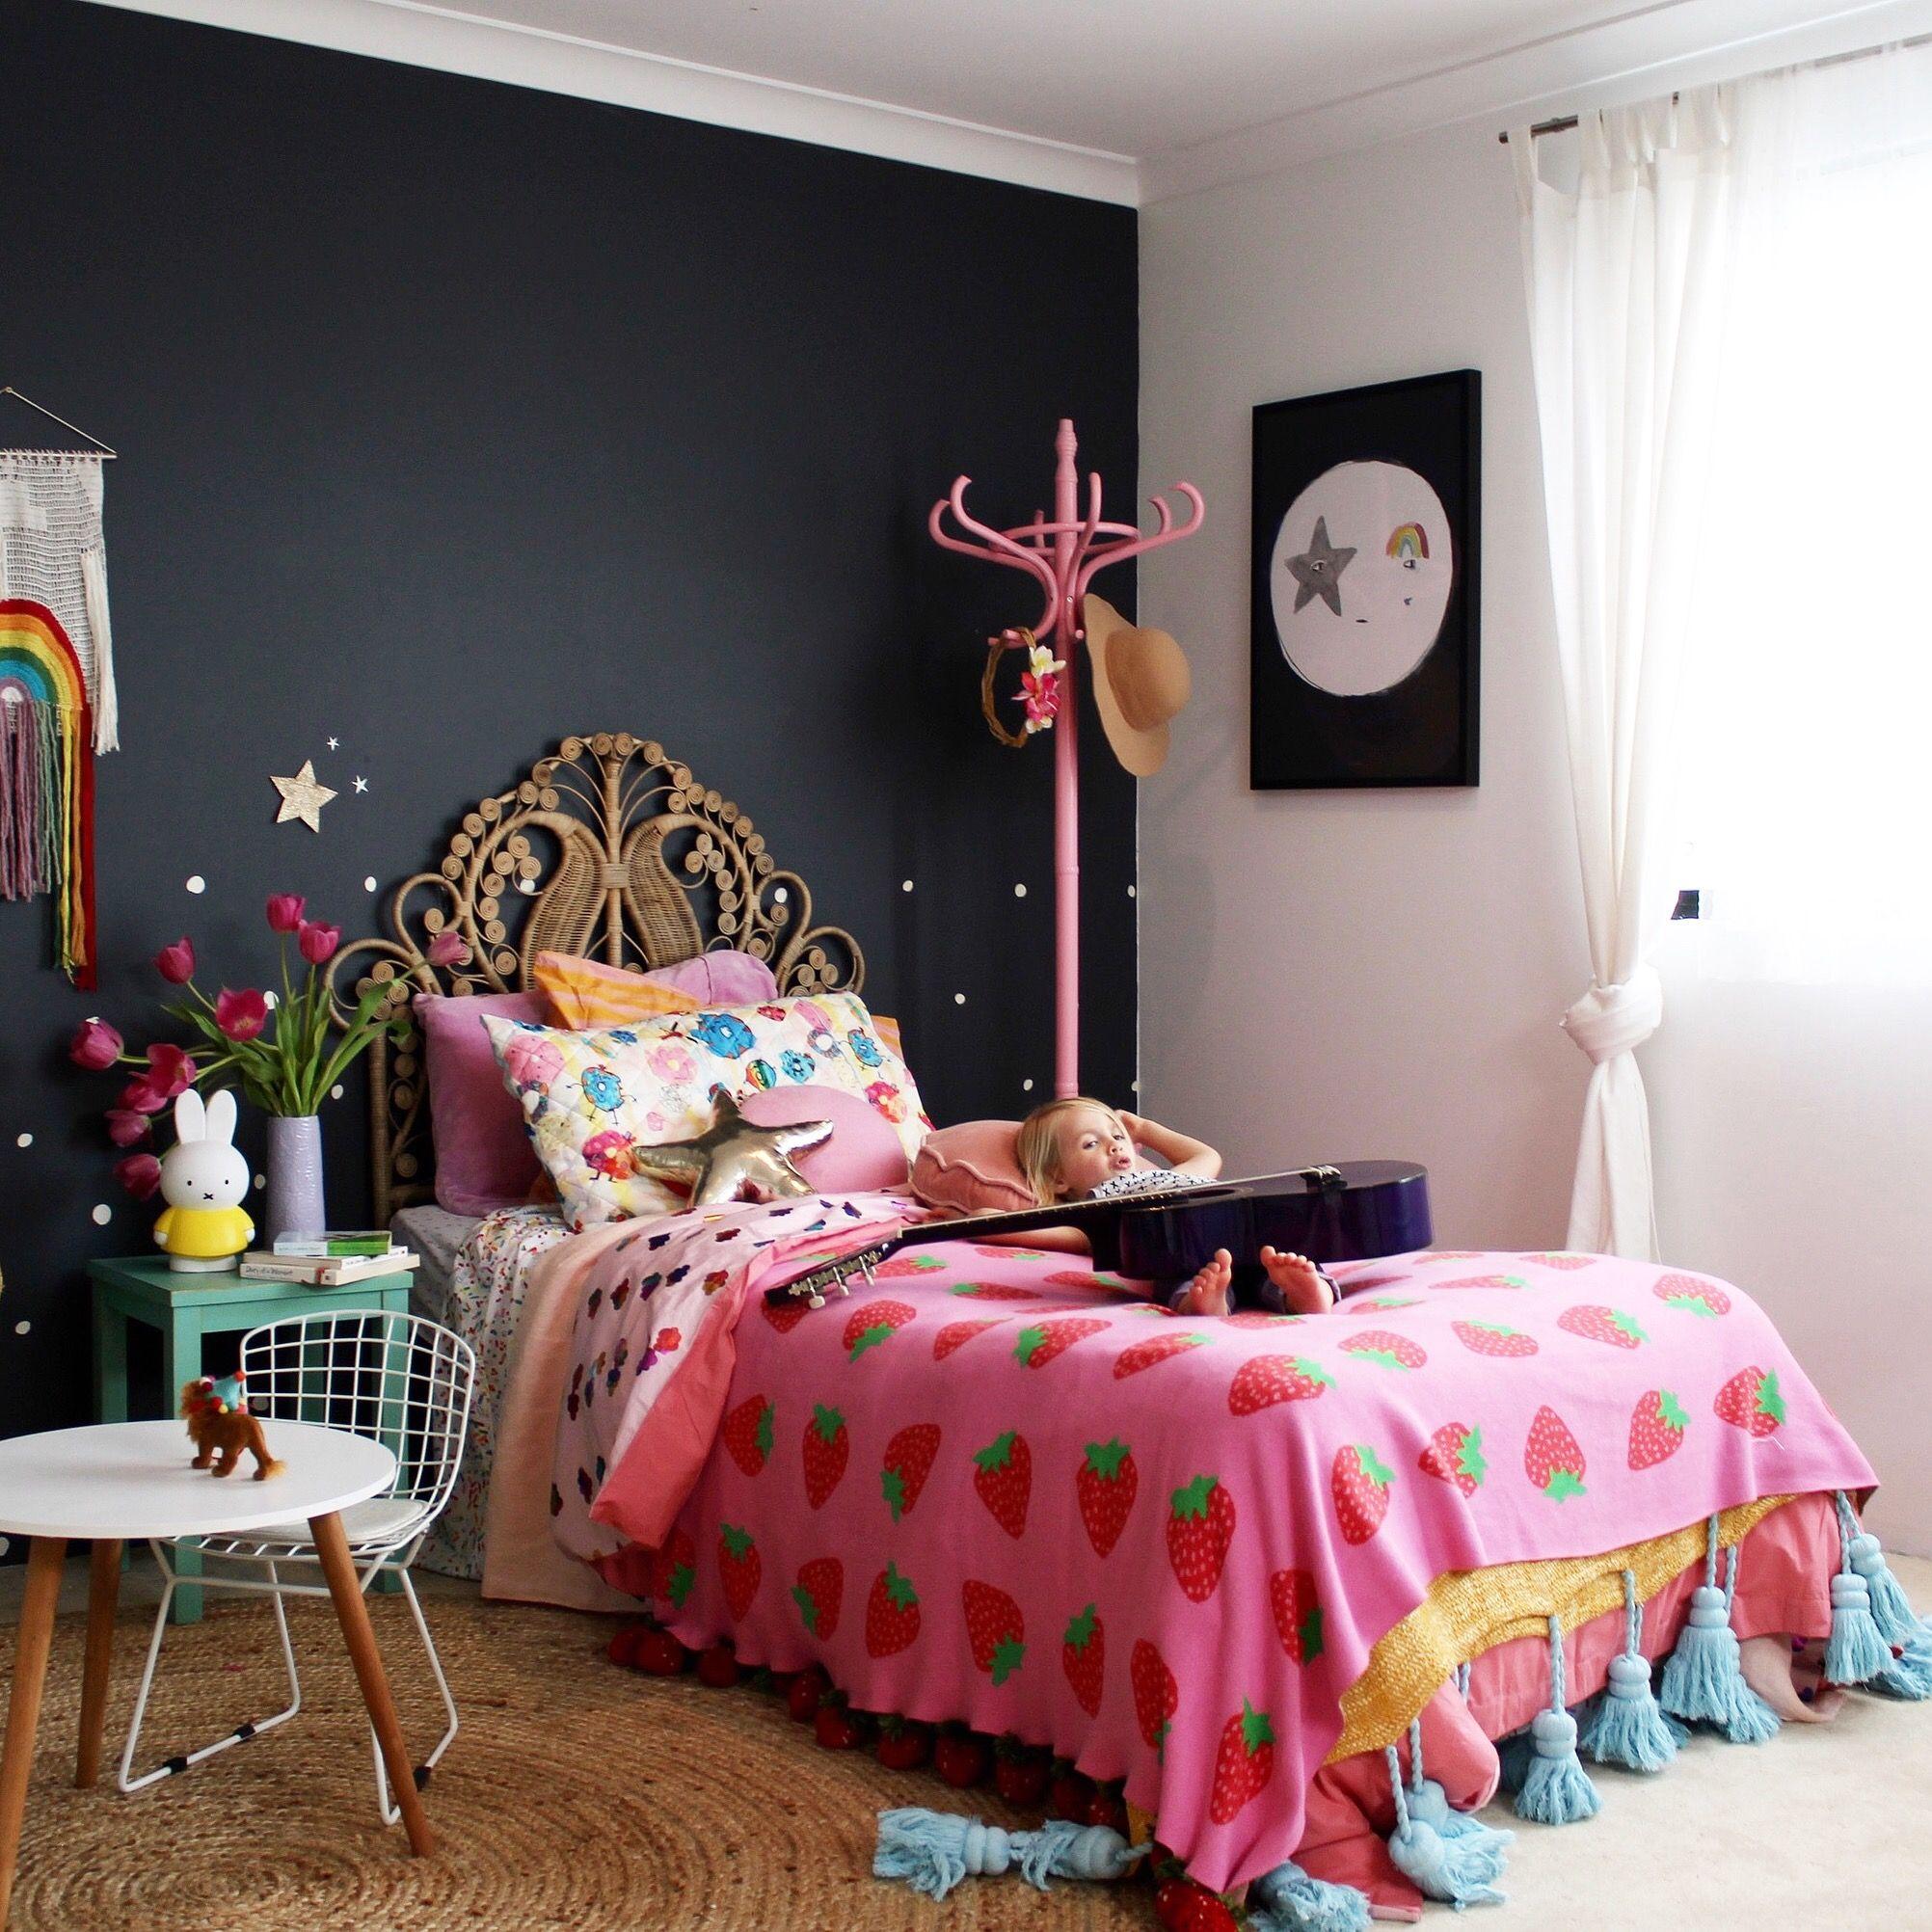 Teenagers Rooms Nuance: Trending Now - Boho Vintage